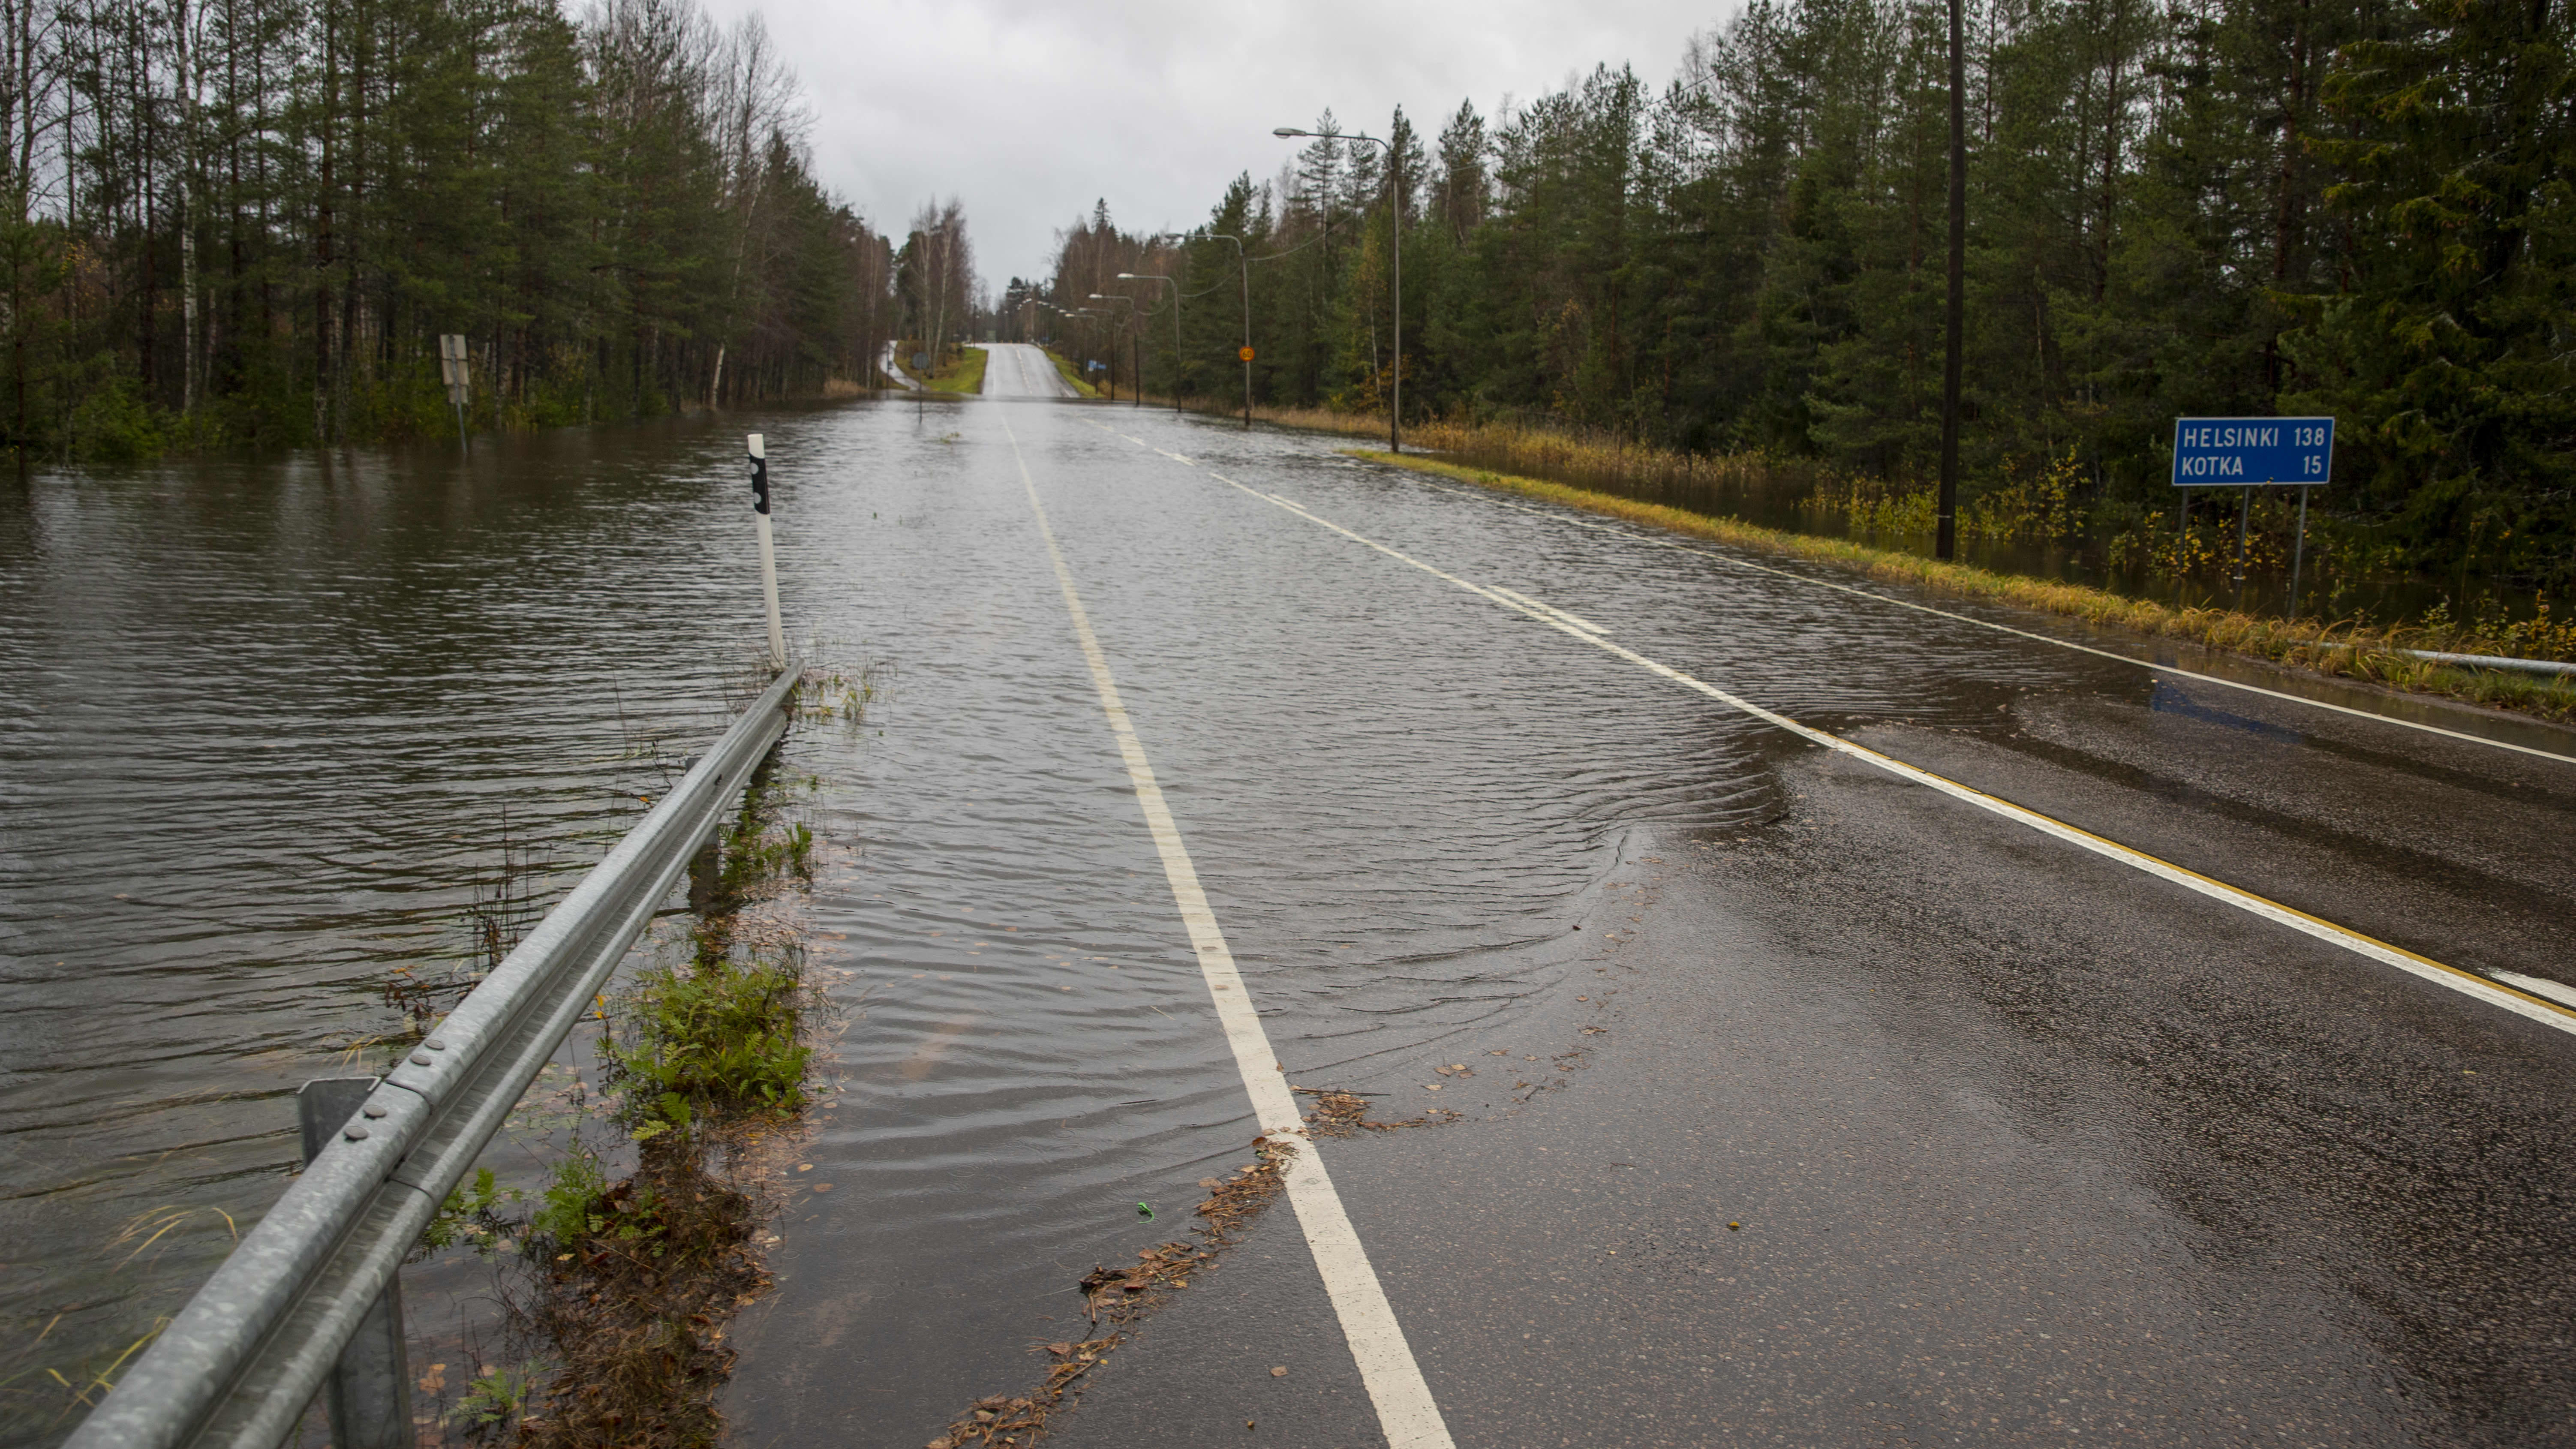 tie on katkennut tulvan vuoksi, tie lainehtii vettä